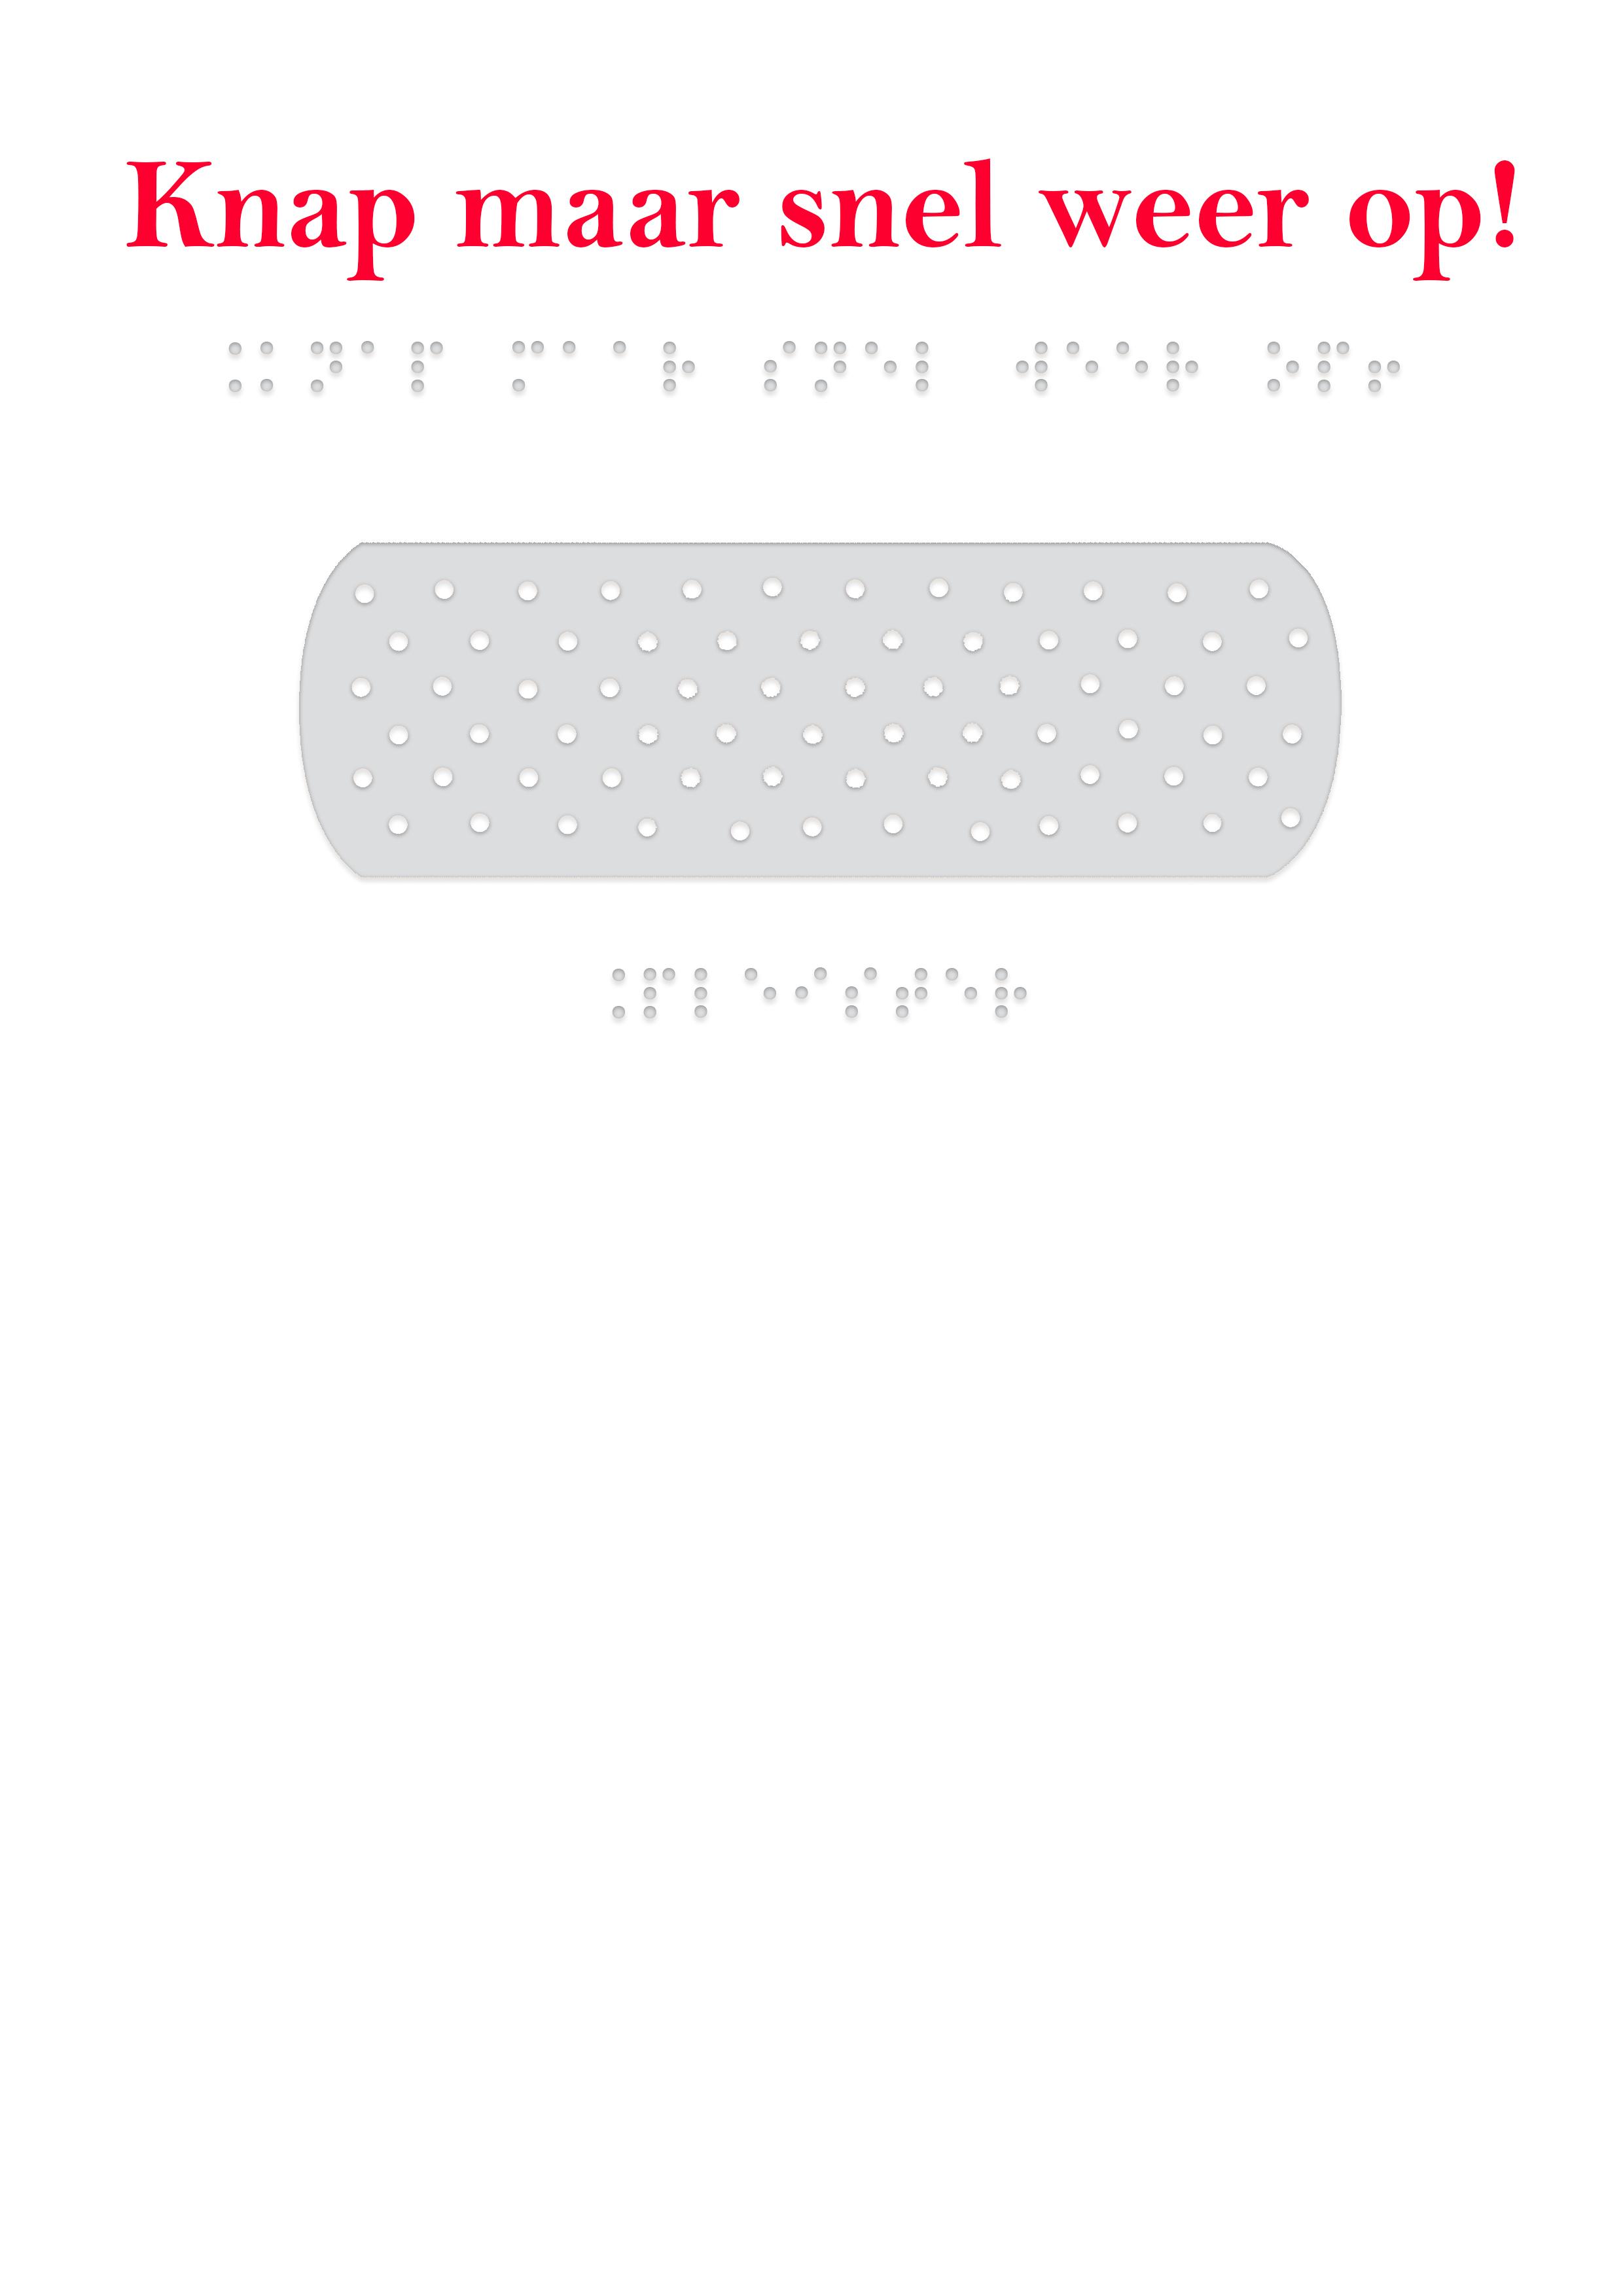 Voelbare wenskaart met braille en reliëf. In braille de tekst: knap maar snel weer op! Met voelbare afbeelding van een pleister.